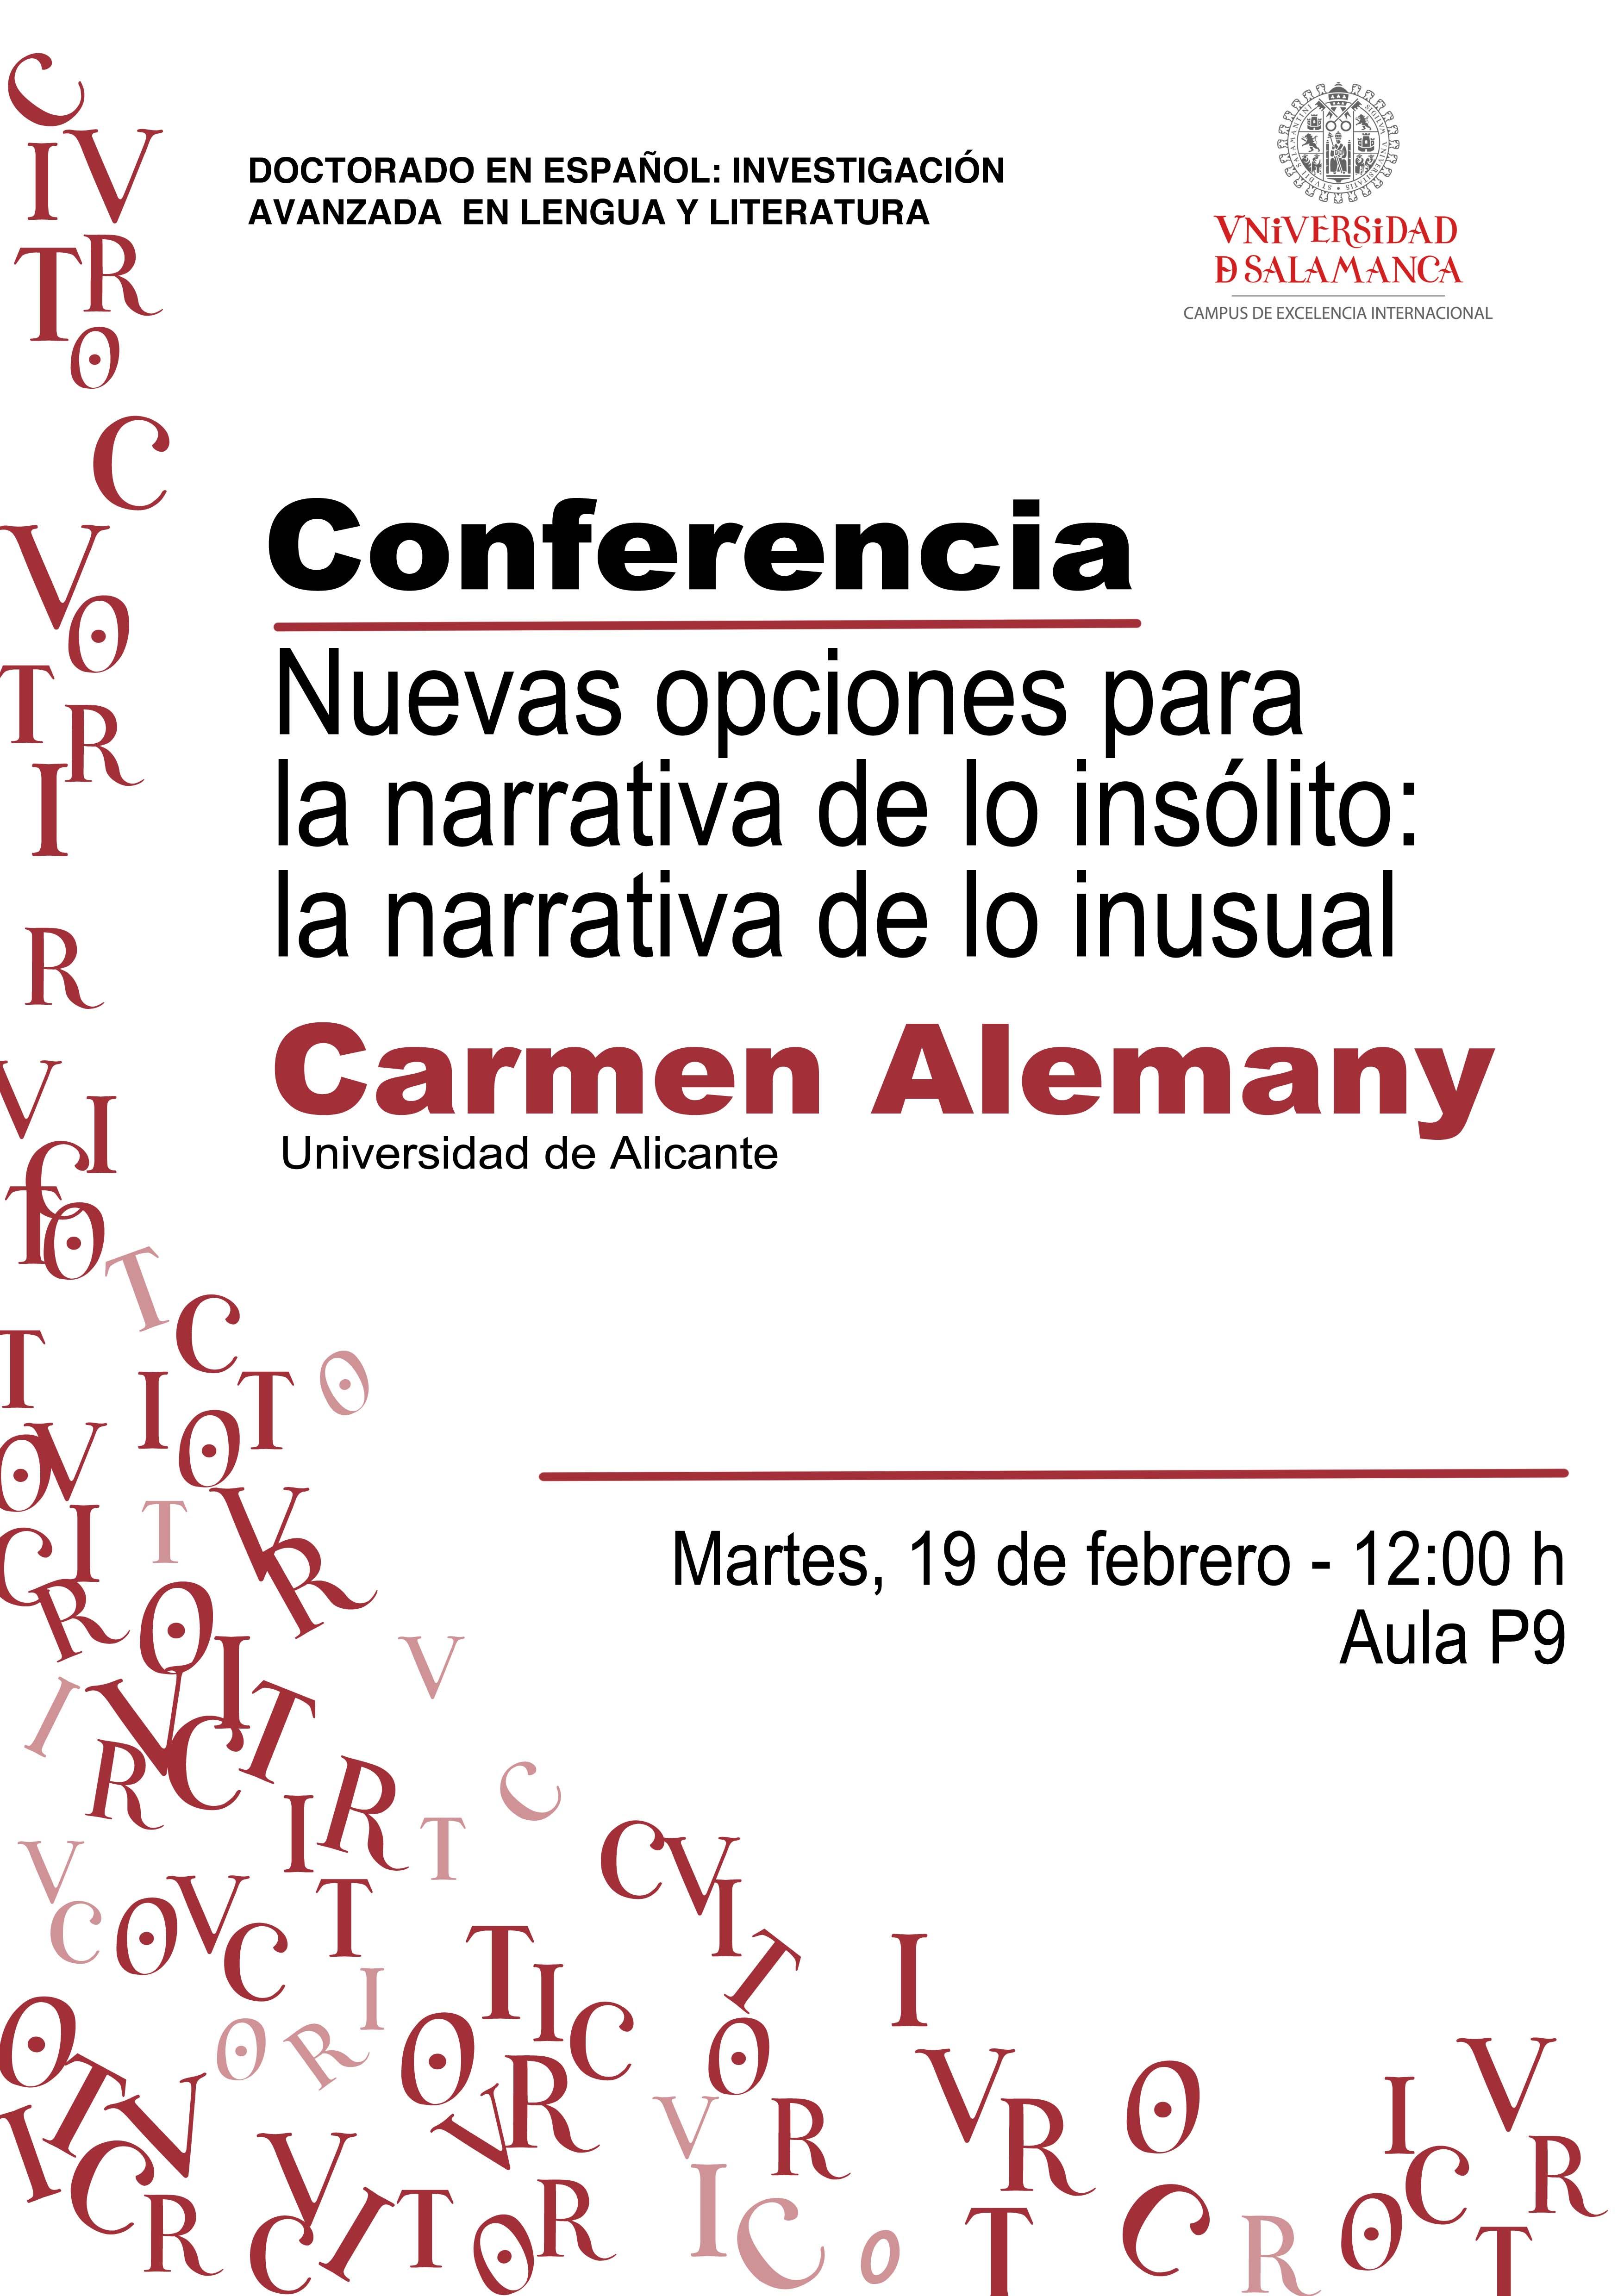 Conferencia de Carmen Alemany